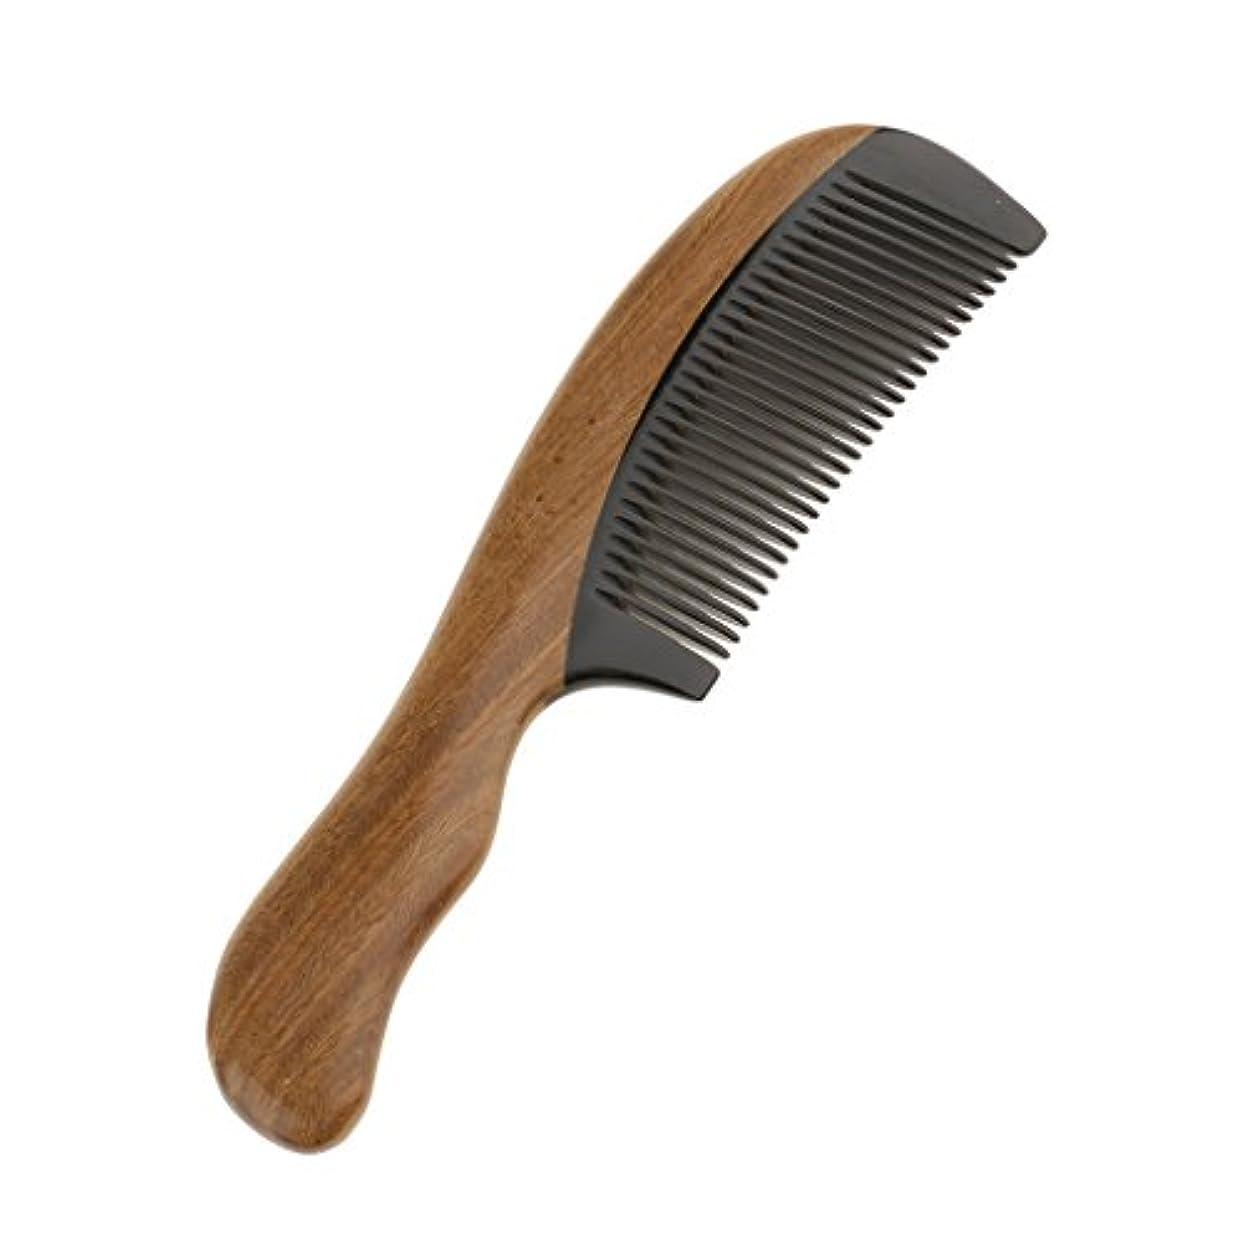 Perfk 木製 櫛 ヘアケア マッサージ コーム ウッド ポケット ヘアブラシ 高品質